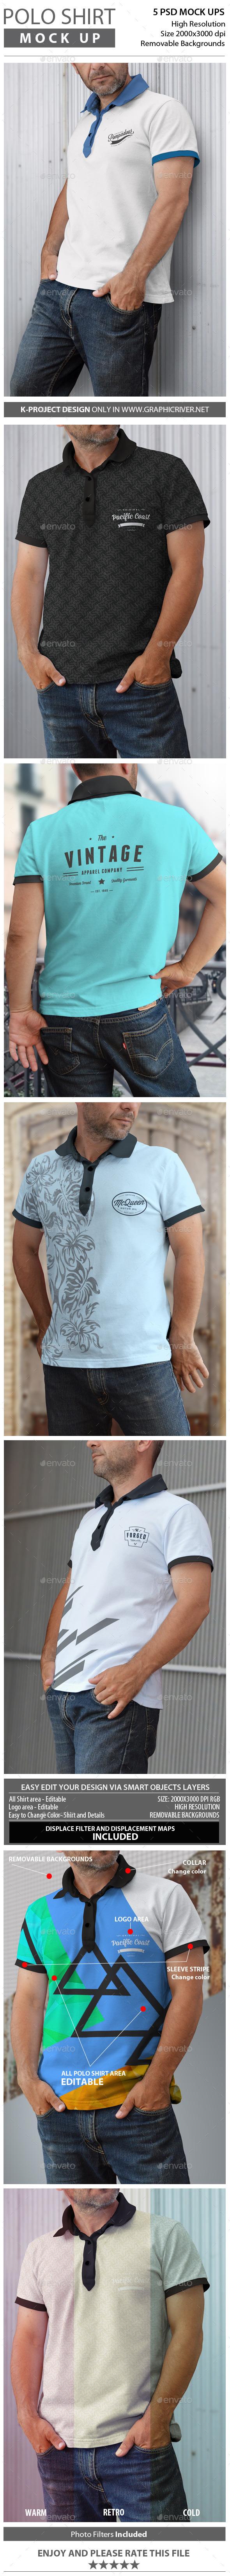 GraphicRiver Man Polo Shirt Mock Up 11817519